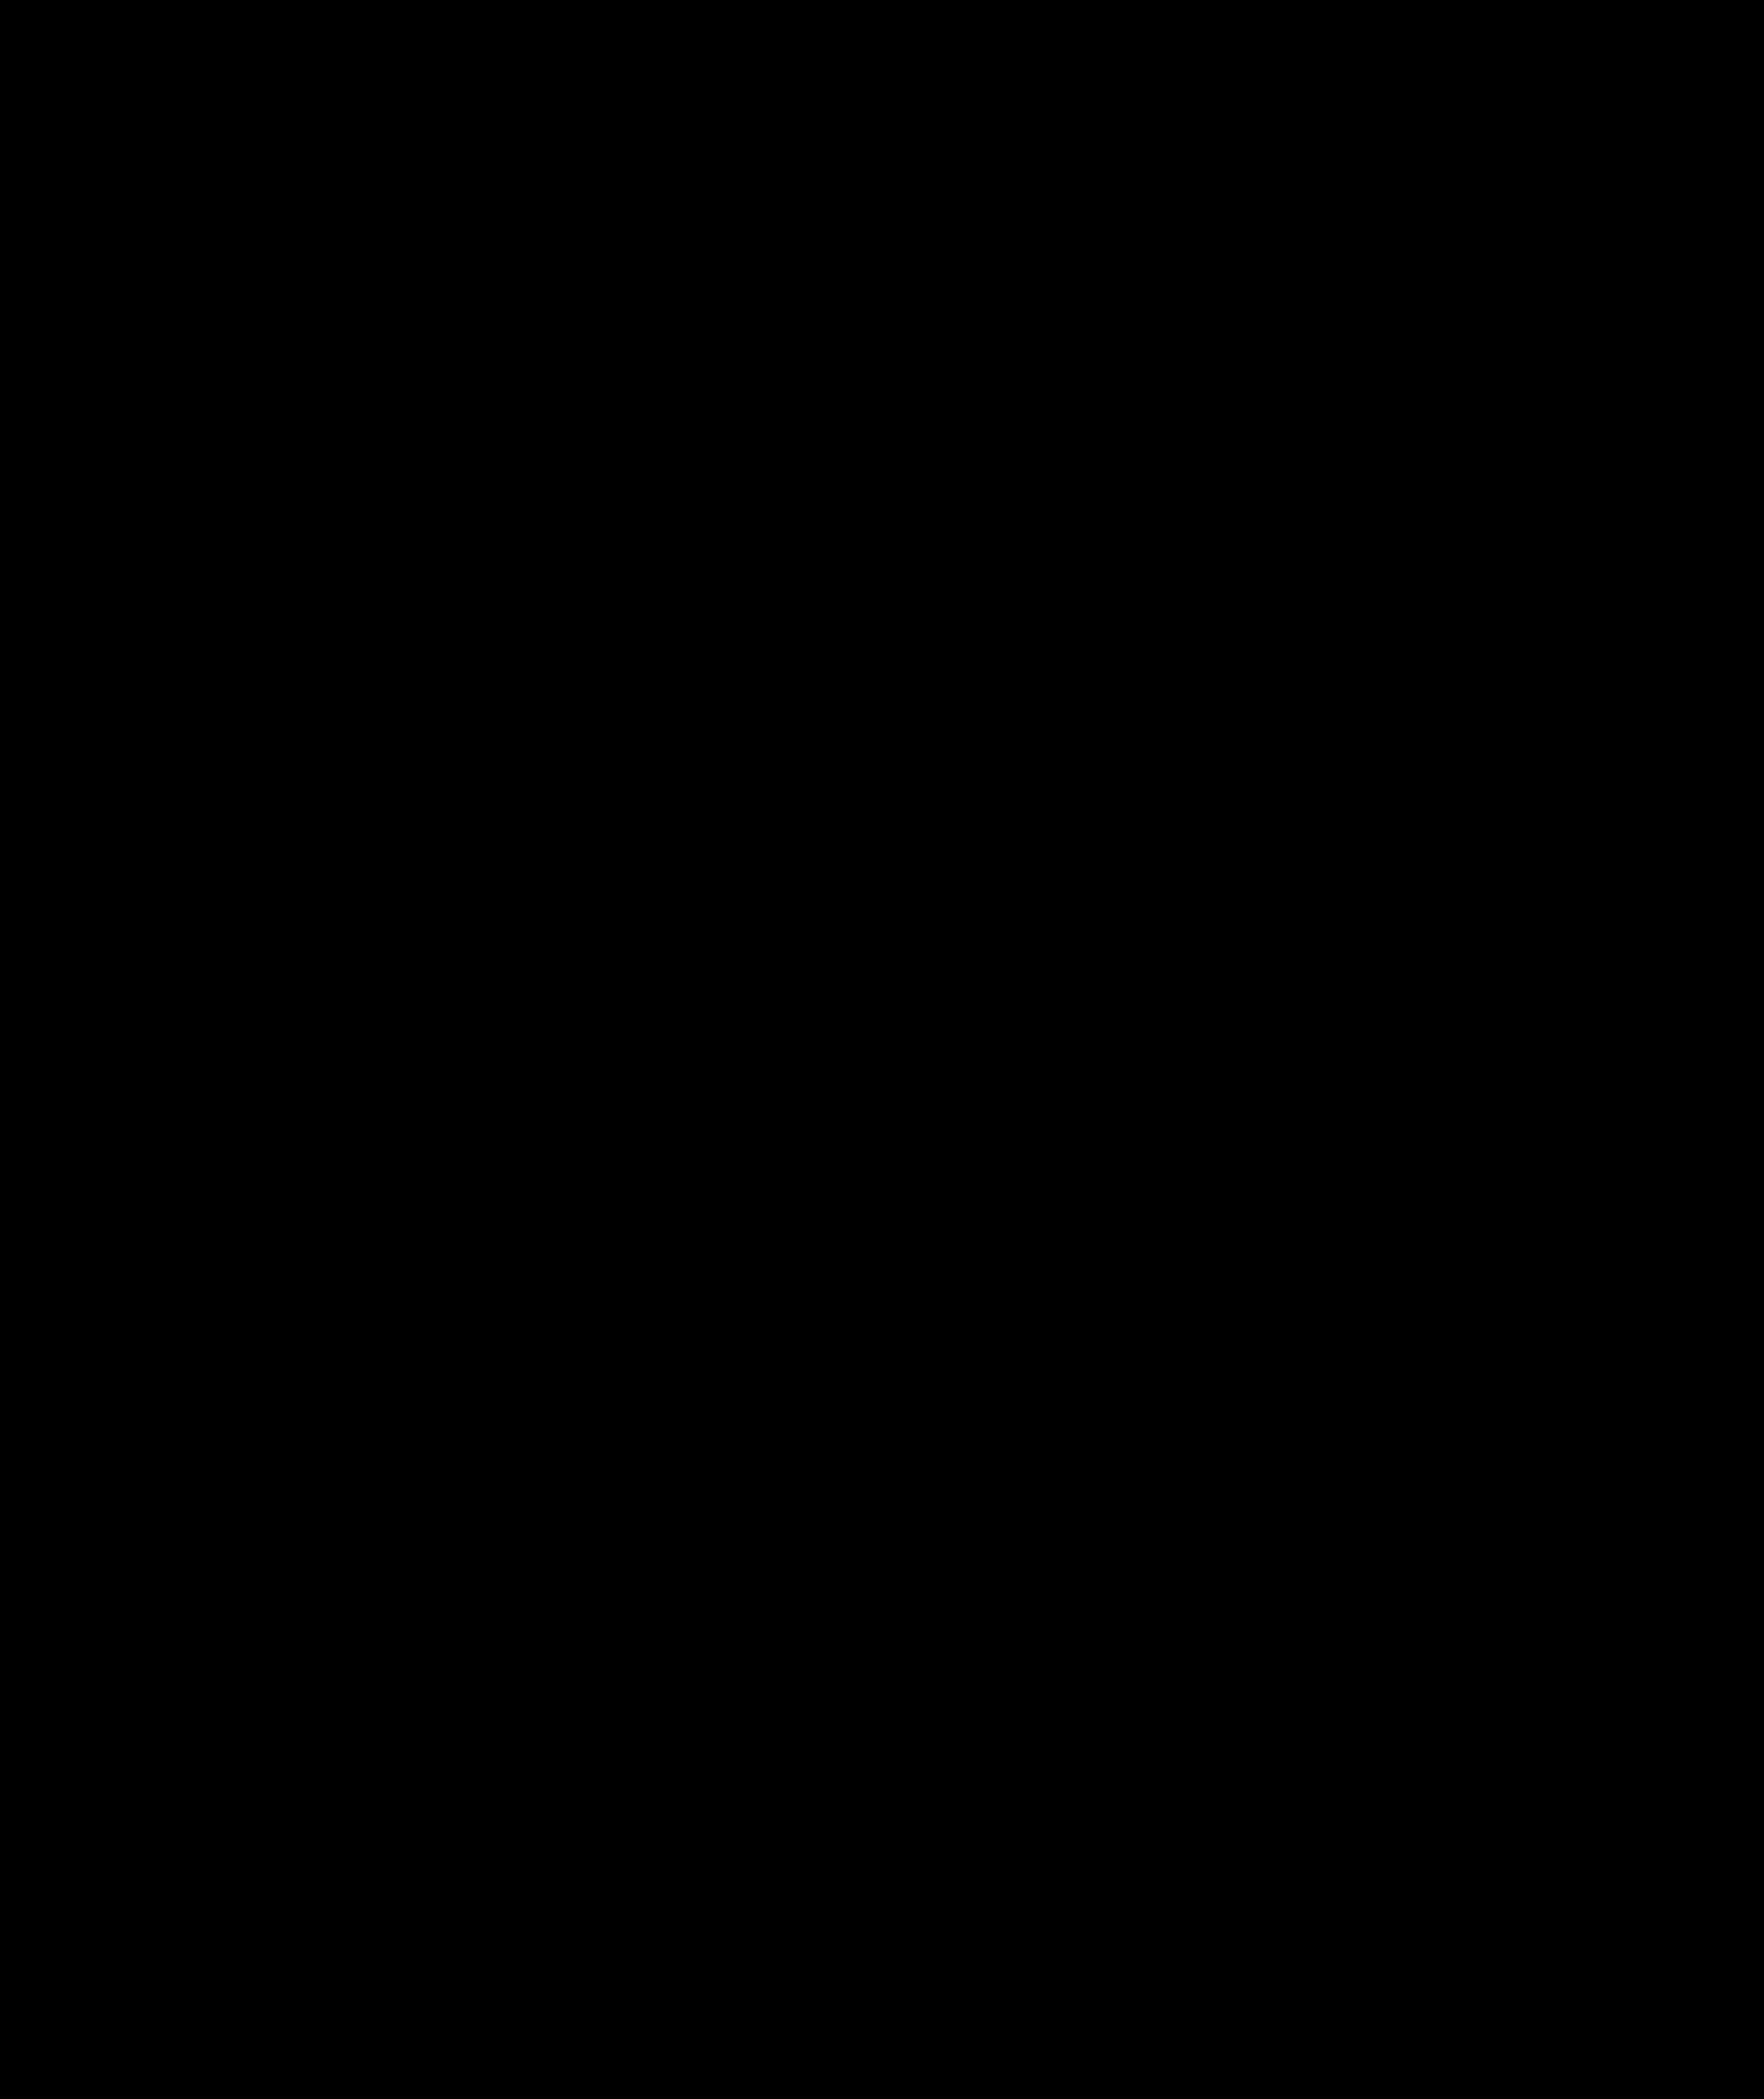 ポケットモンスター全国図鑑順18 1擬人化達成記念 幸 2007年4月6